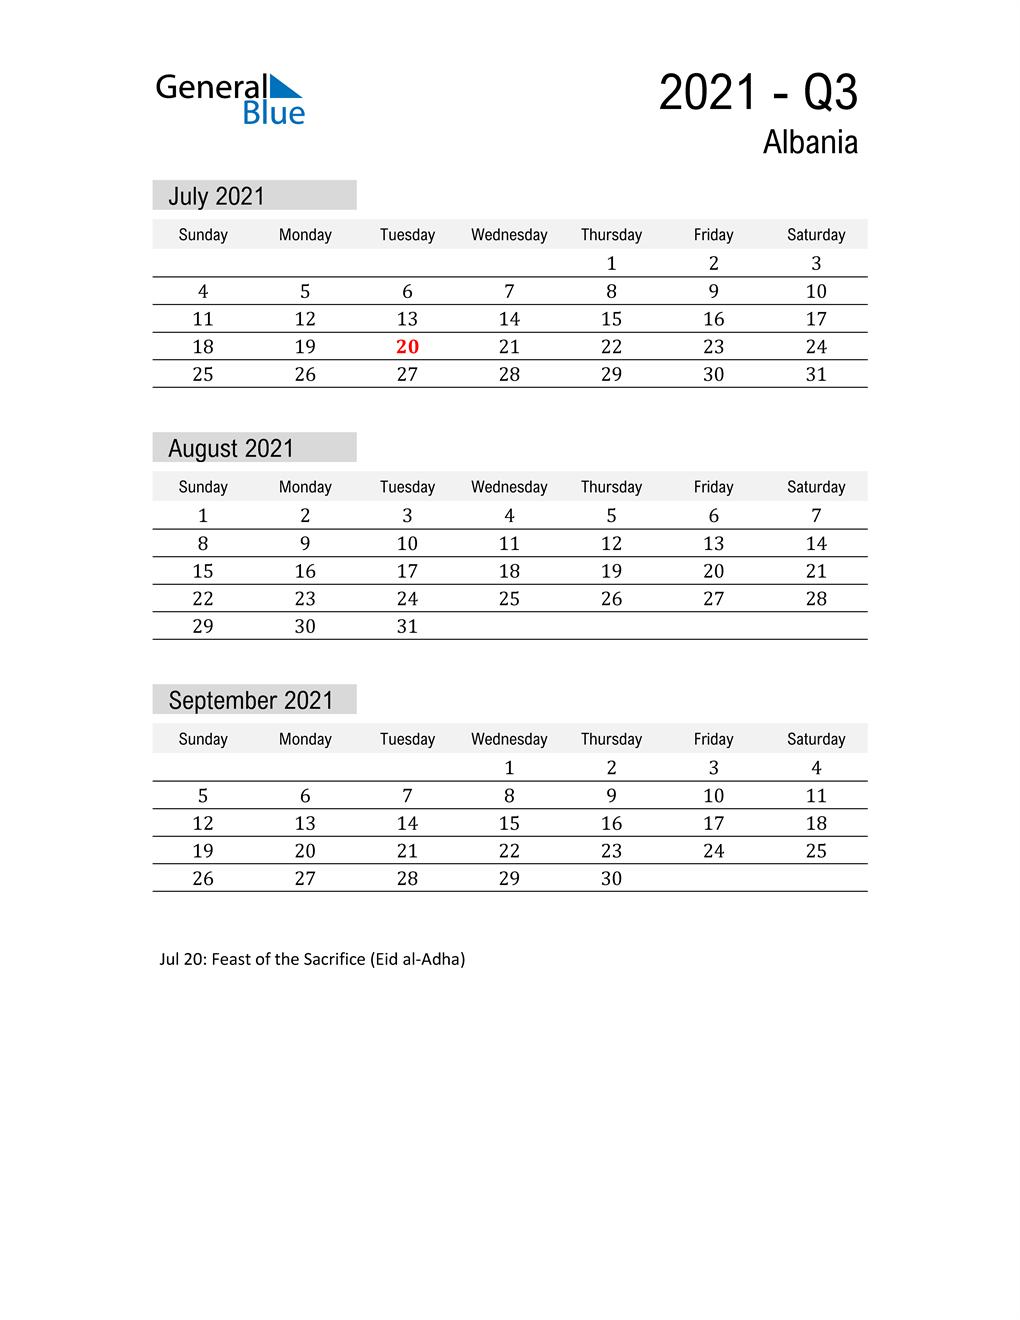 Albania Quarter 3 2021 Calendar